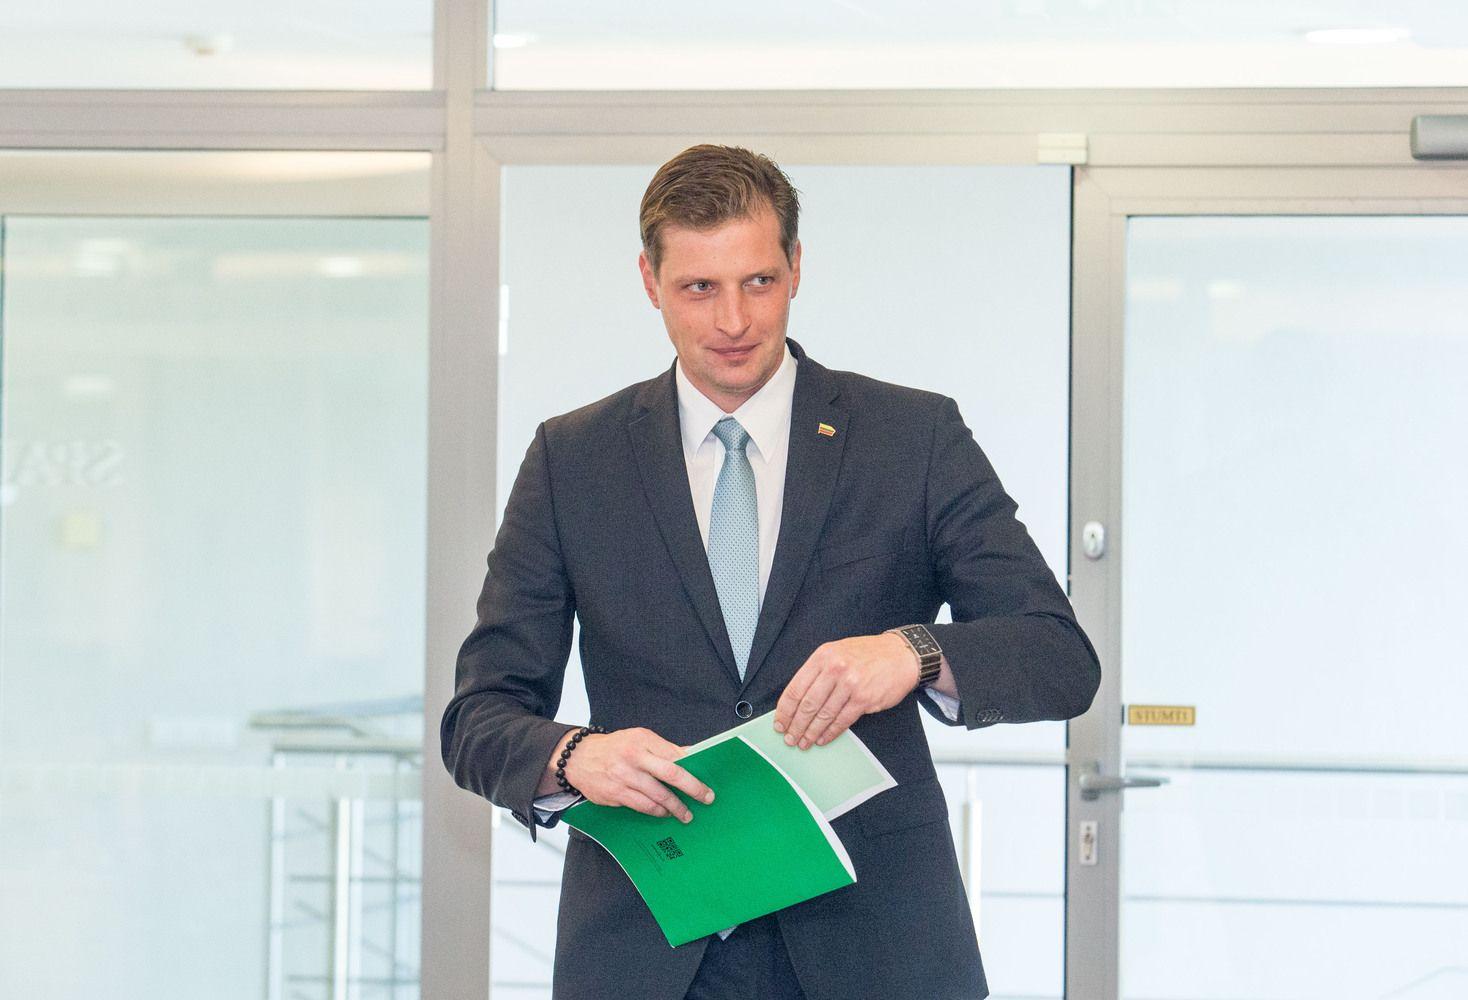 Į aplinkos ministrus bus teikiama Seimo nario K. Mažeikos kandidatūra